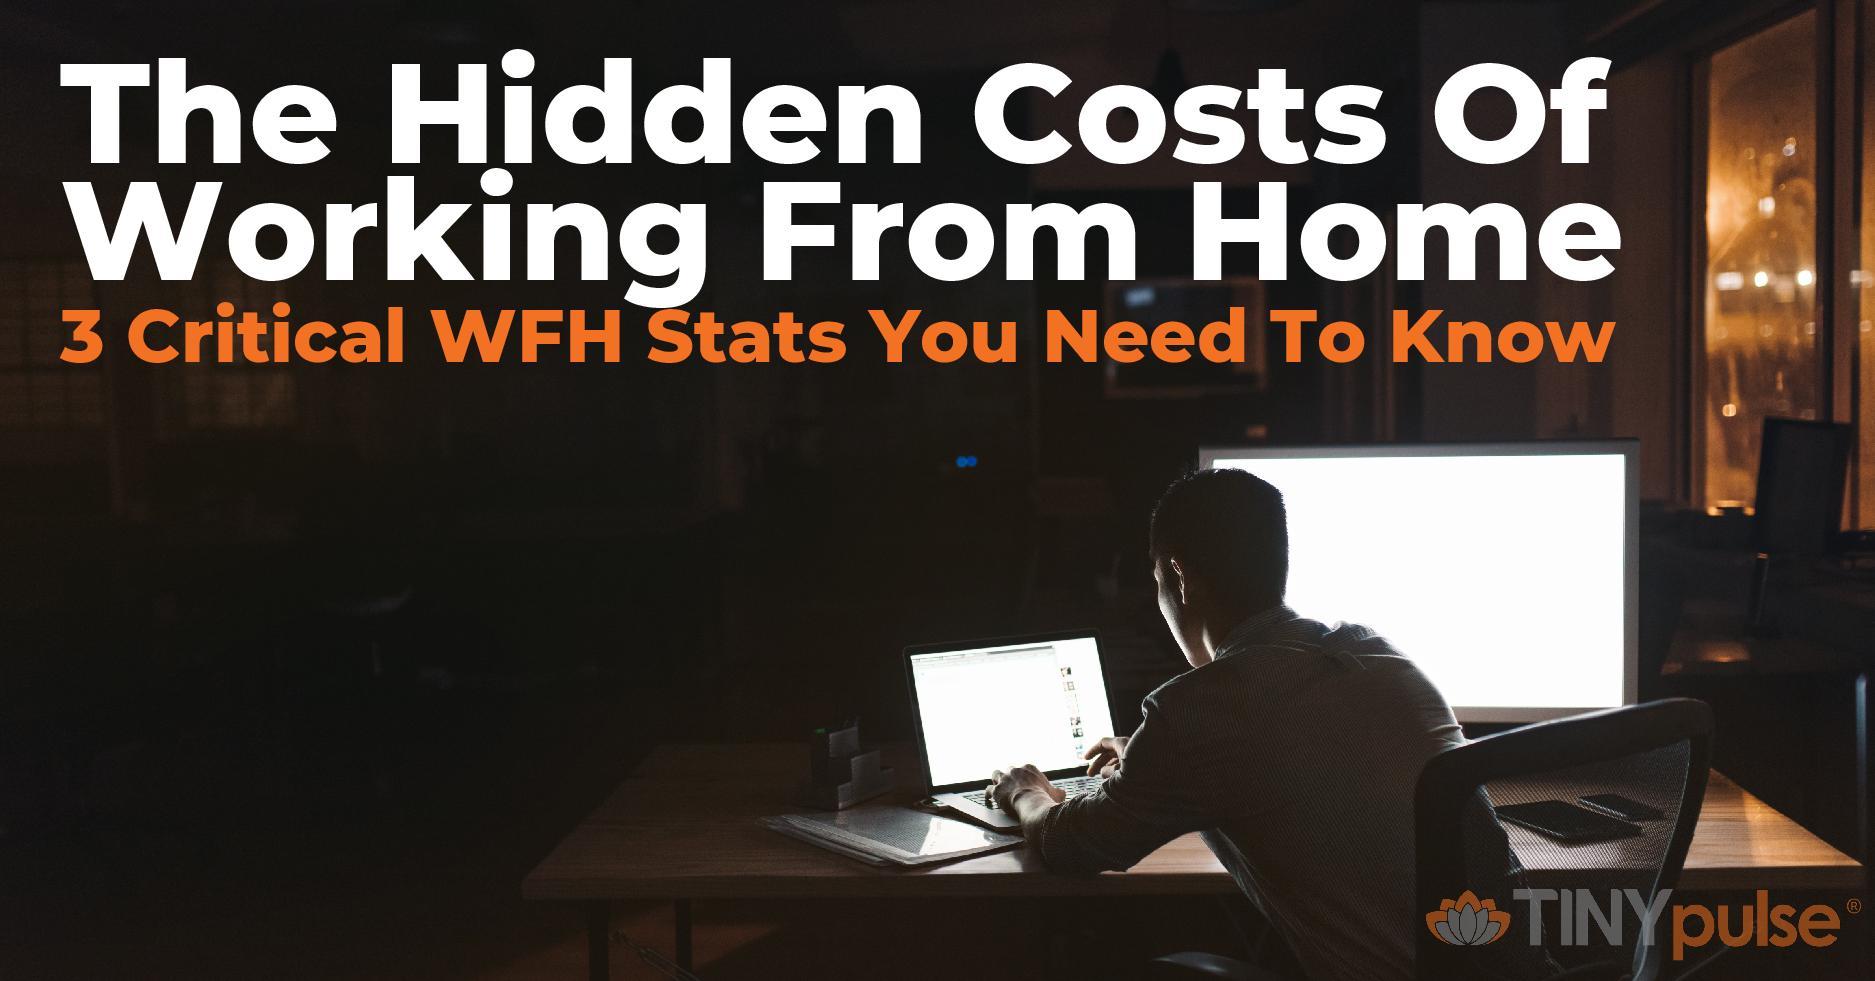 wfh-nadella-hidden-costs-of-wfh